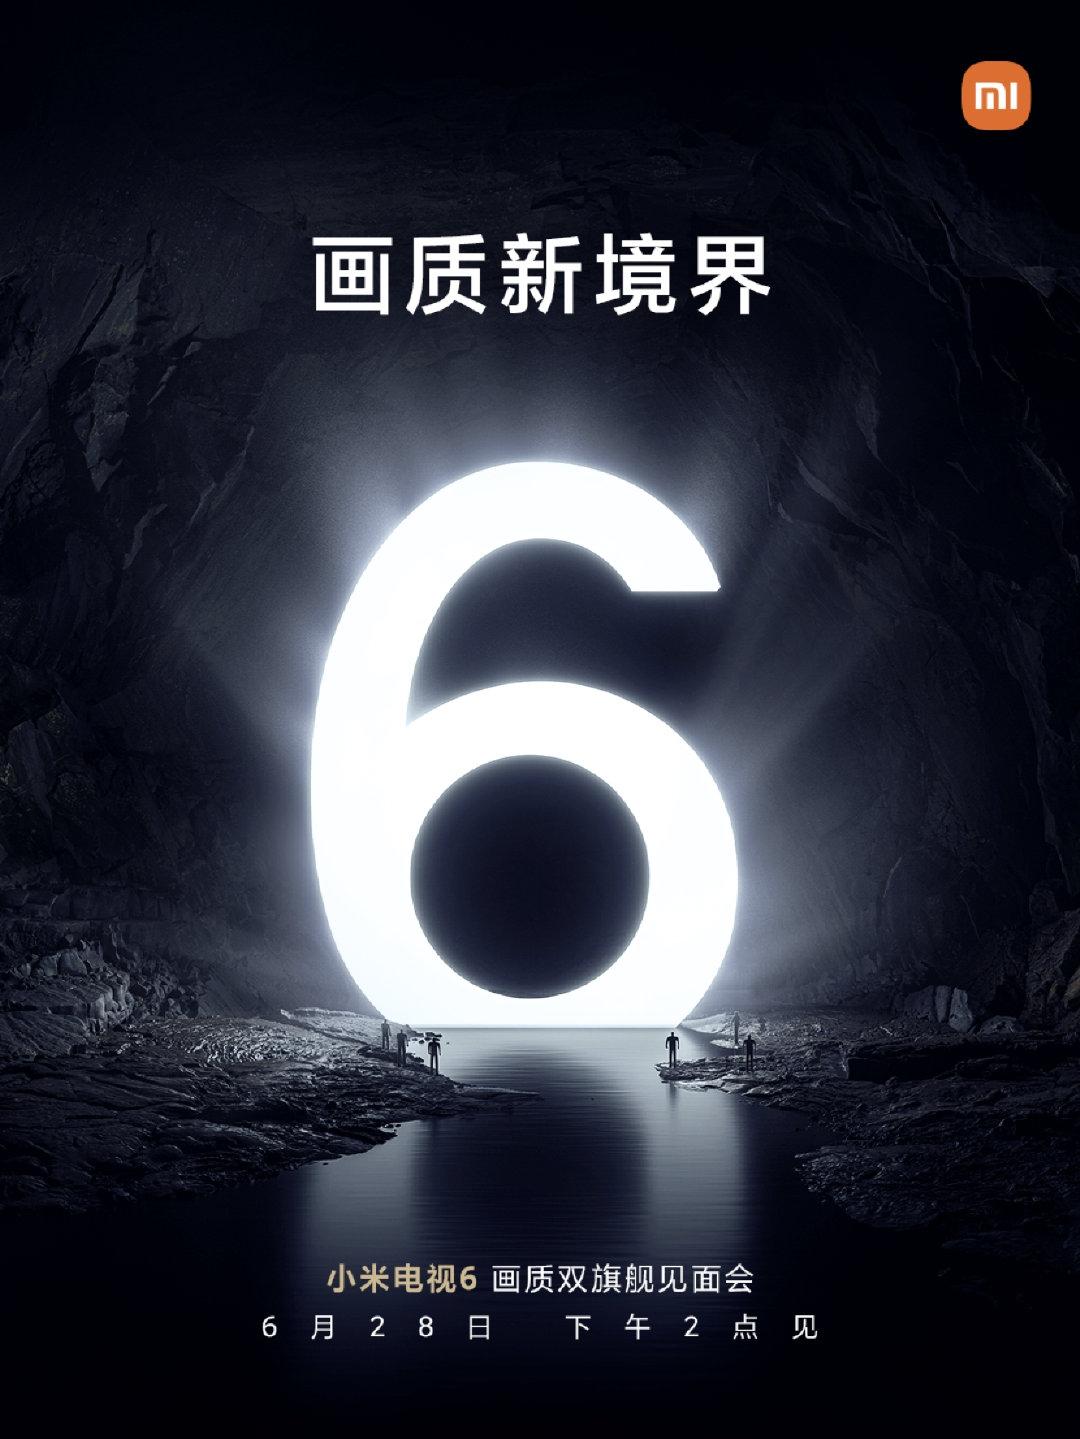 小米电视6官宣 6月28日发布::画质全面拉满 一